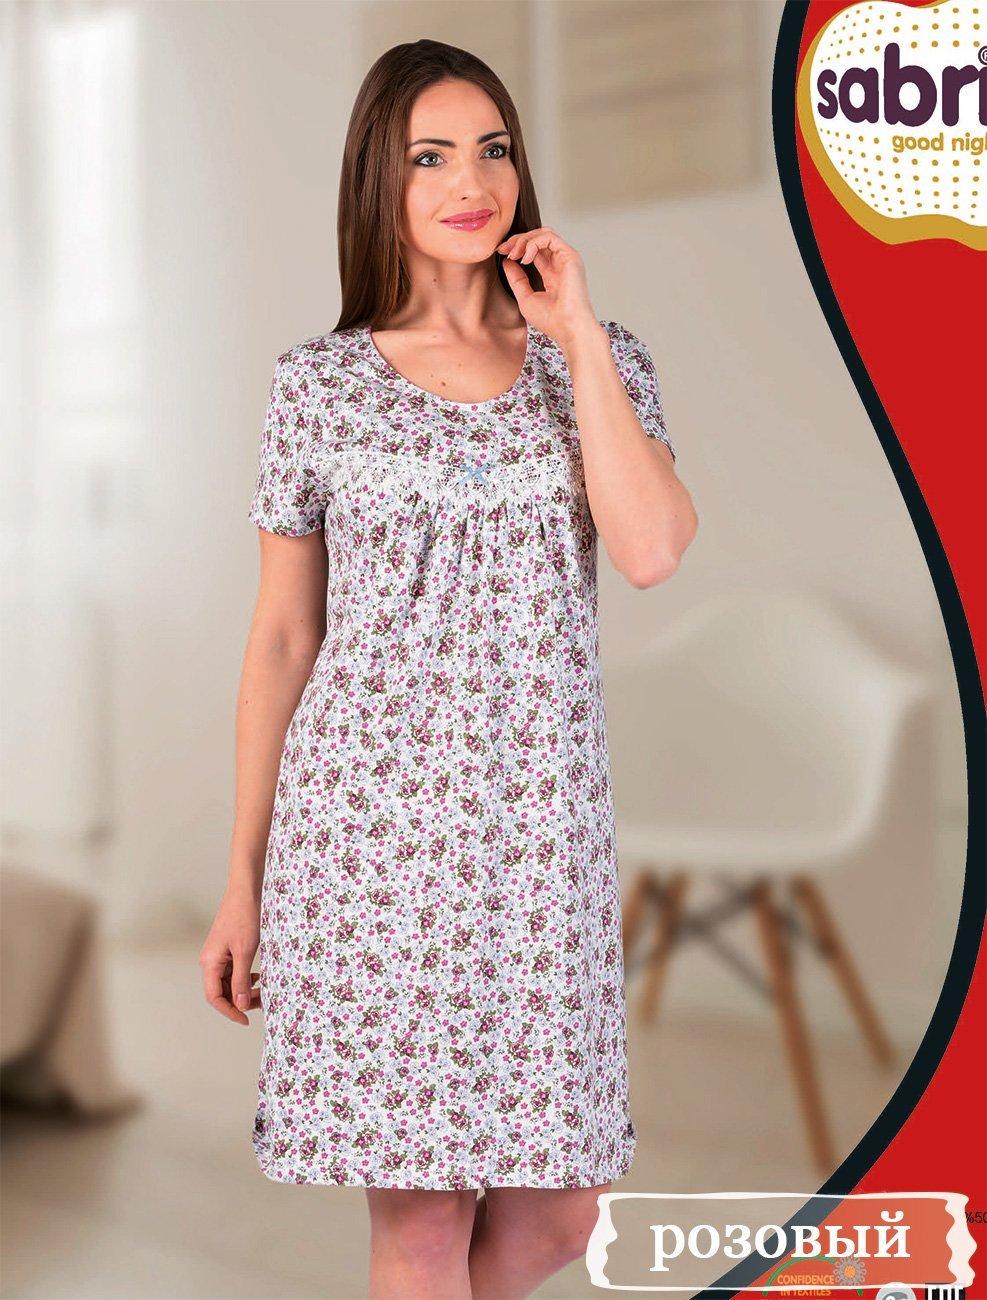 12614 Рубашка средней длины Sabrina